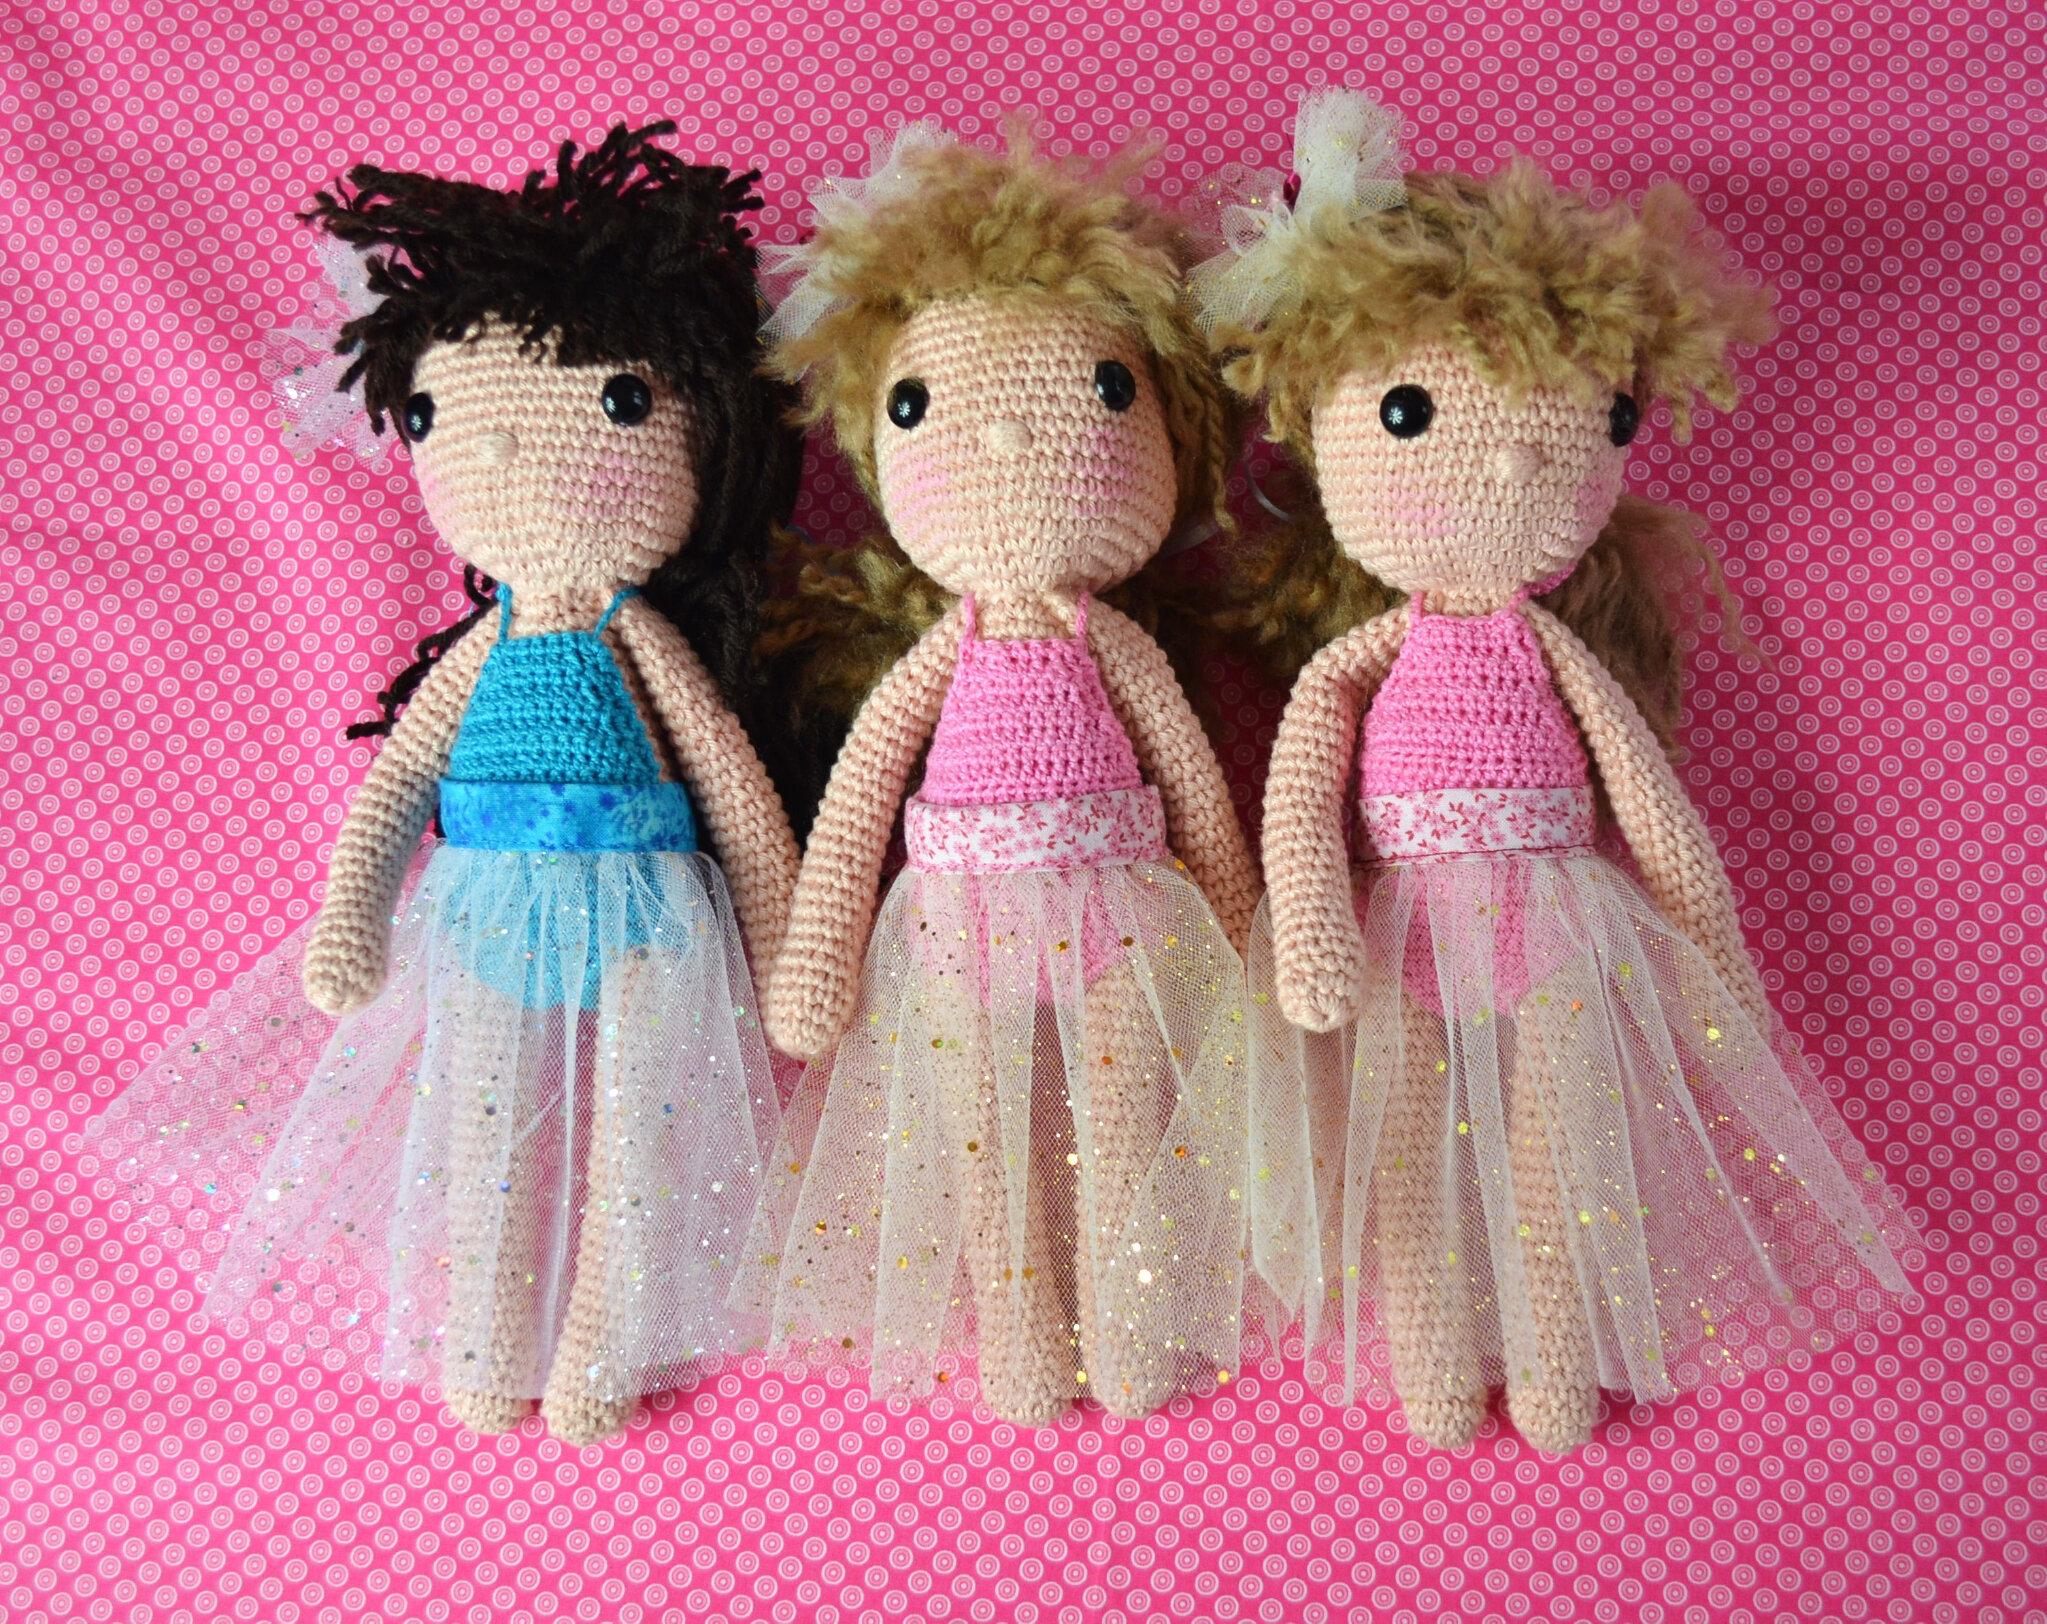 poupée au crochet- crochet- La chouette bricole (8)